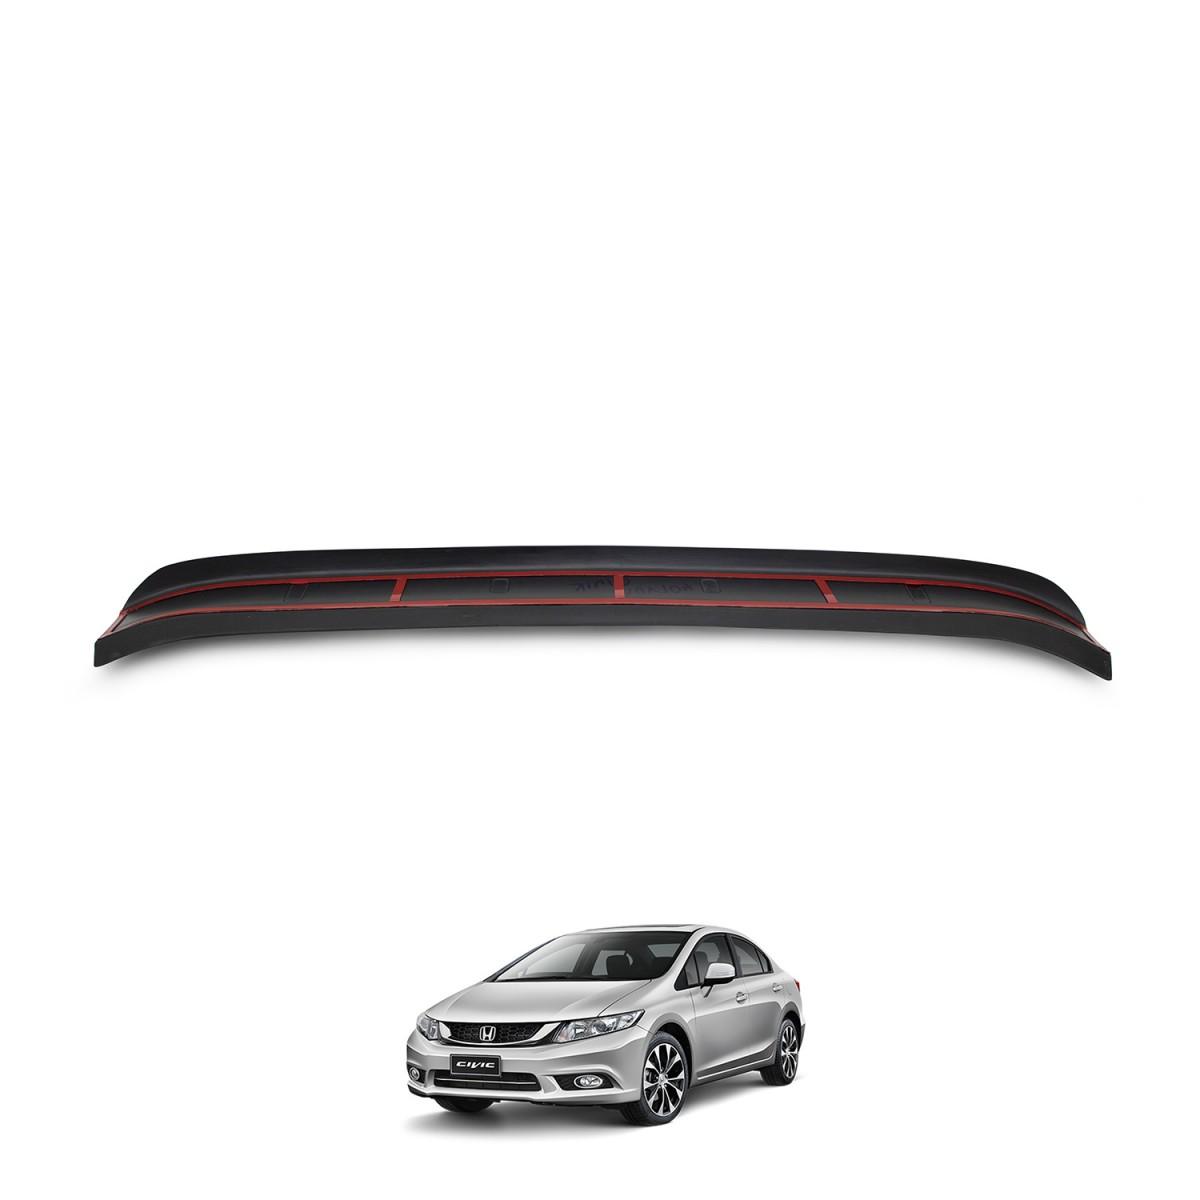 Honda Civic Arka Tampon Eşiği Koruma 2012-2016 Yılı Arası